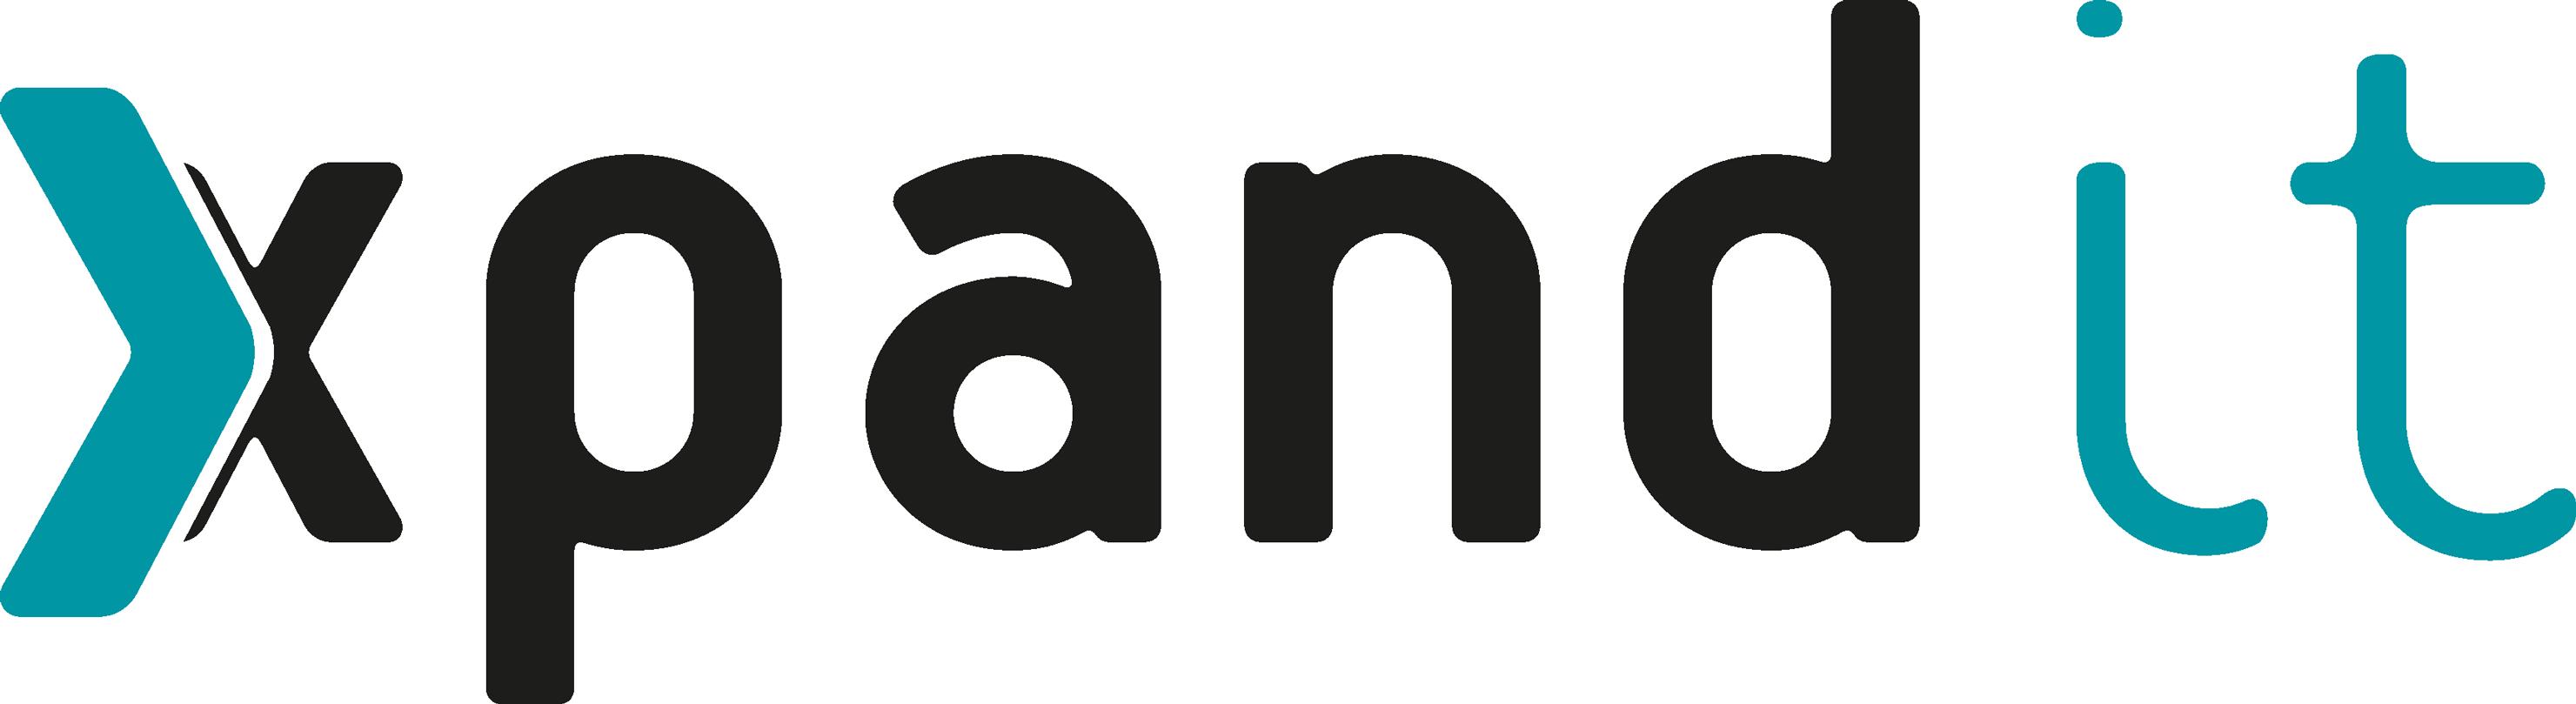 xpandit-logo